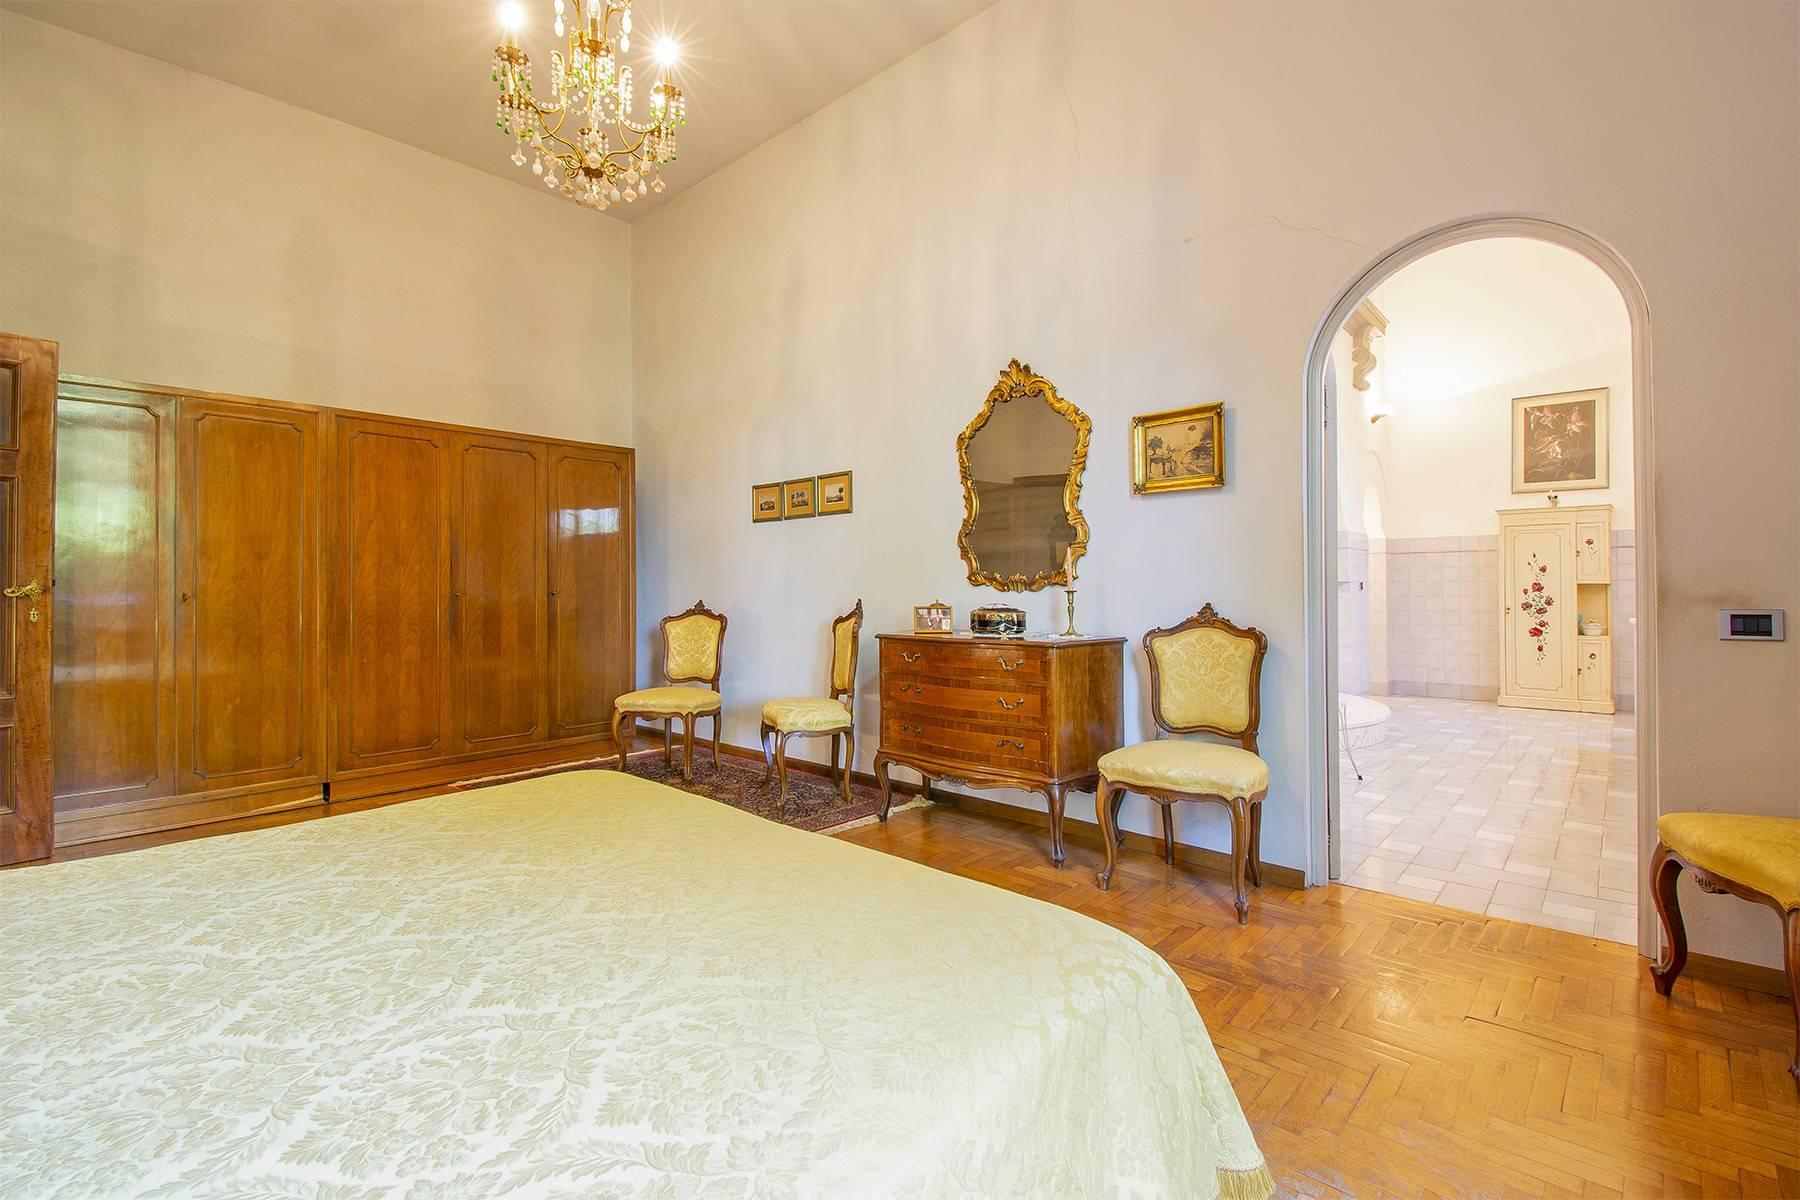 Exquisite apartment in a historic villa - 14